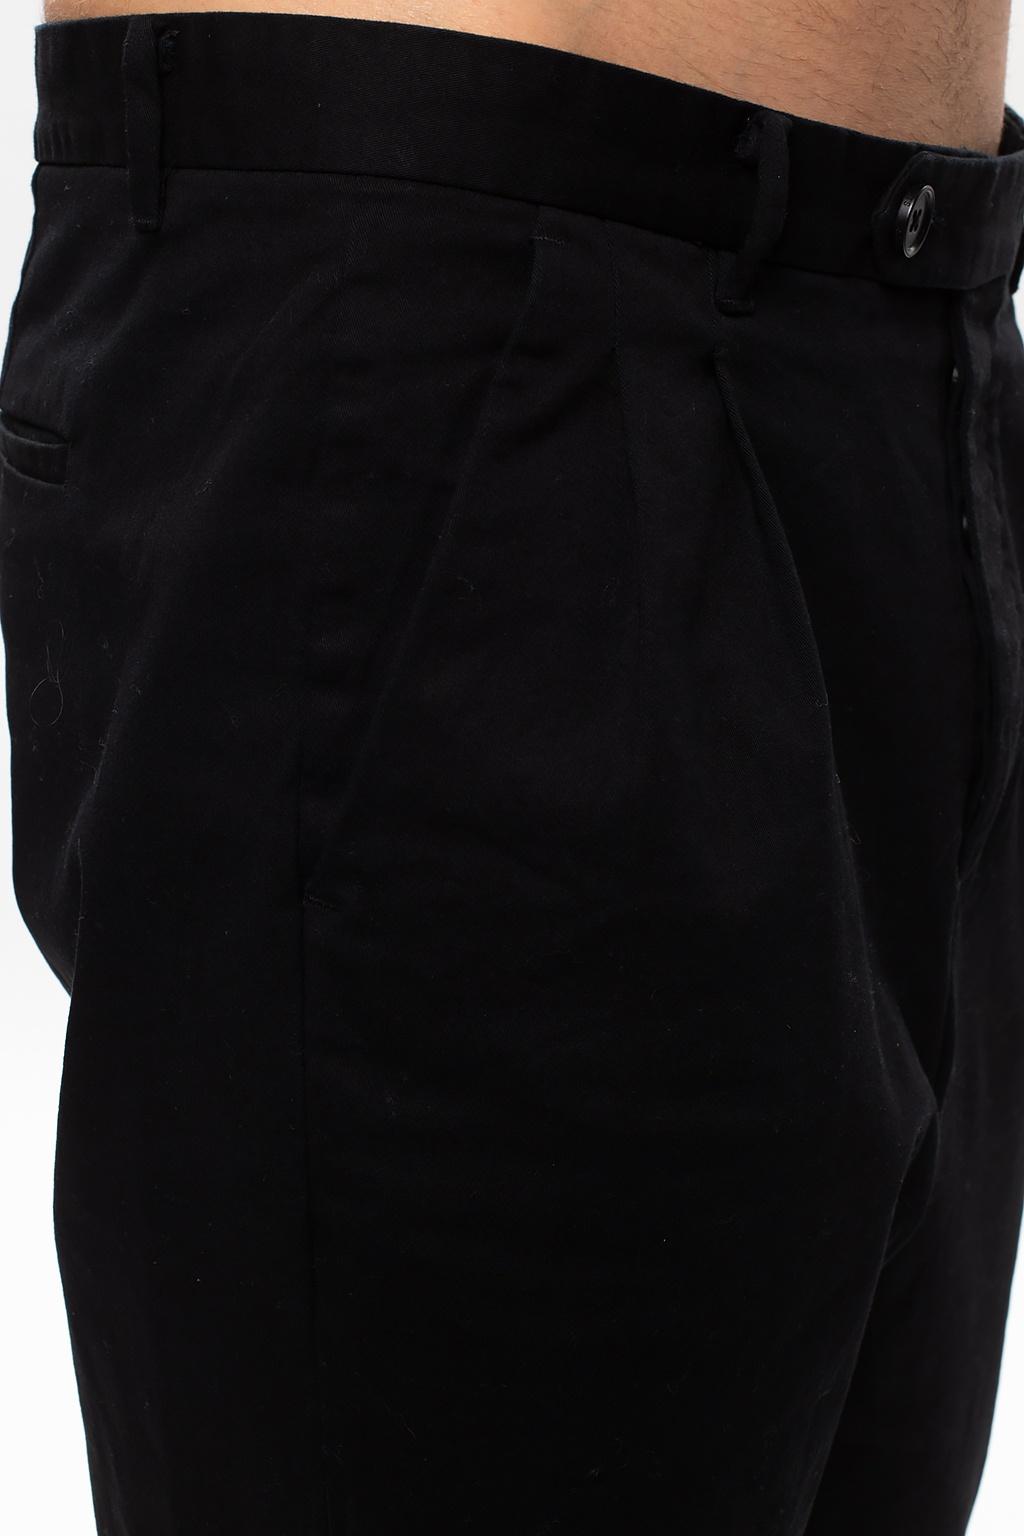 AllSaints 'Javan' cotton trousers